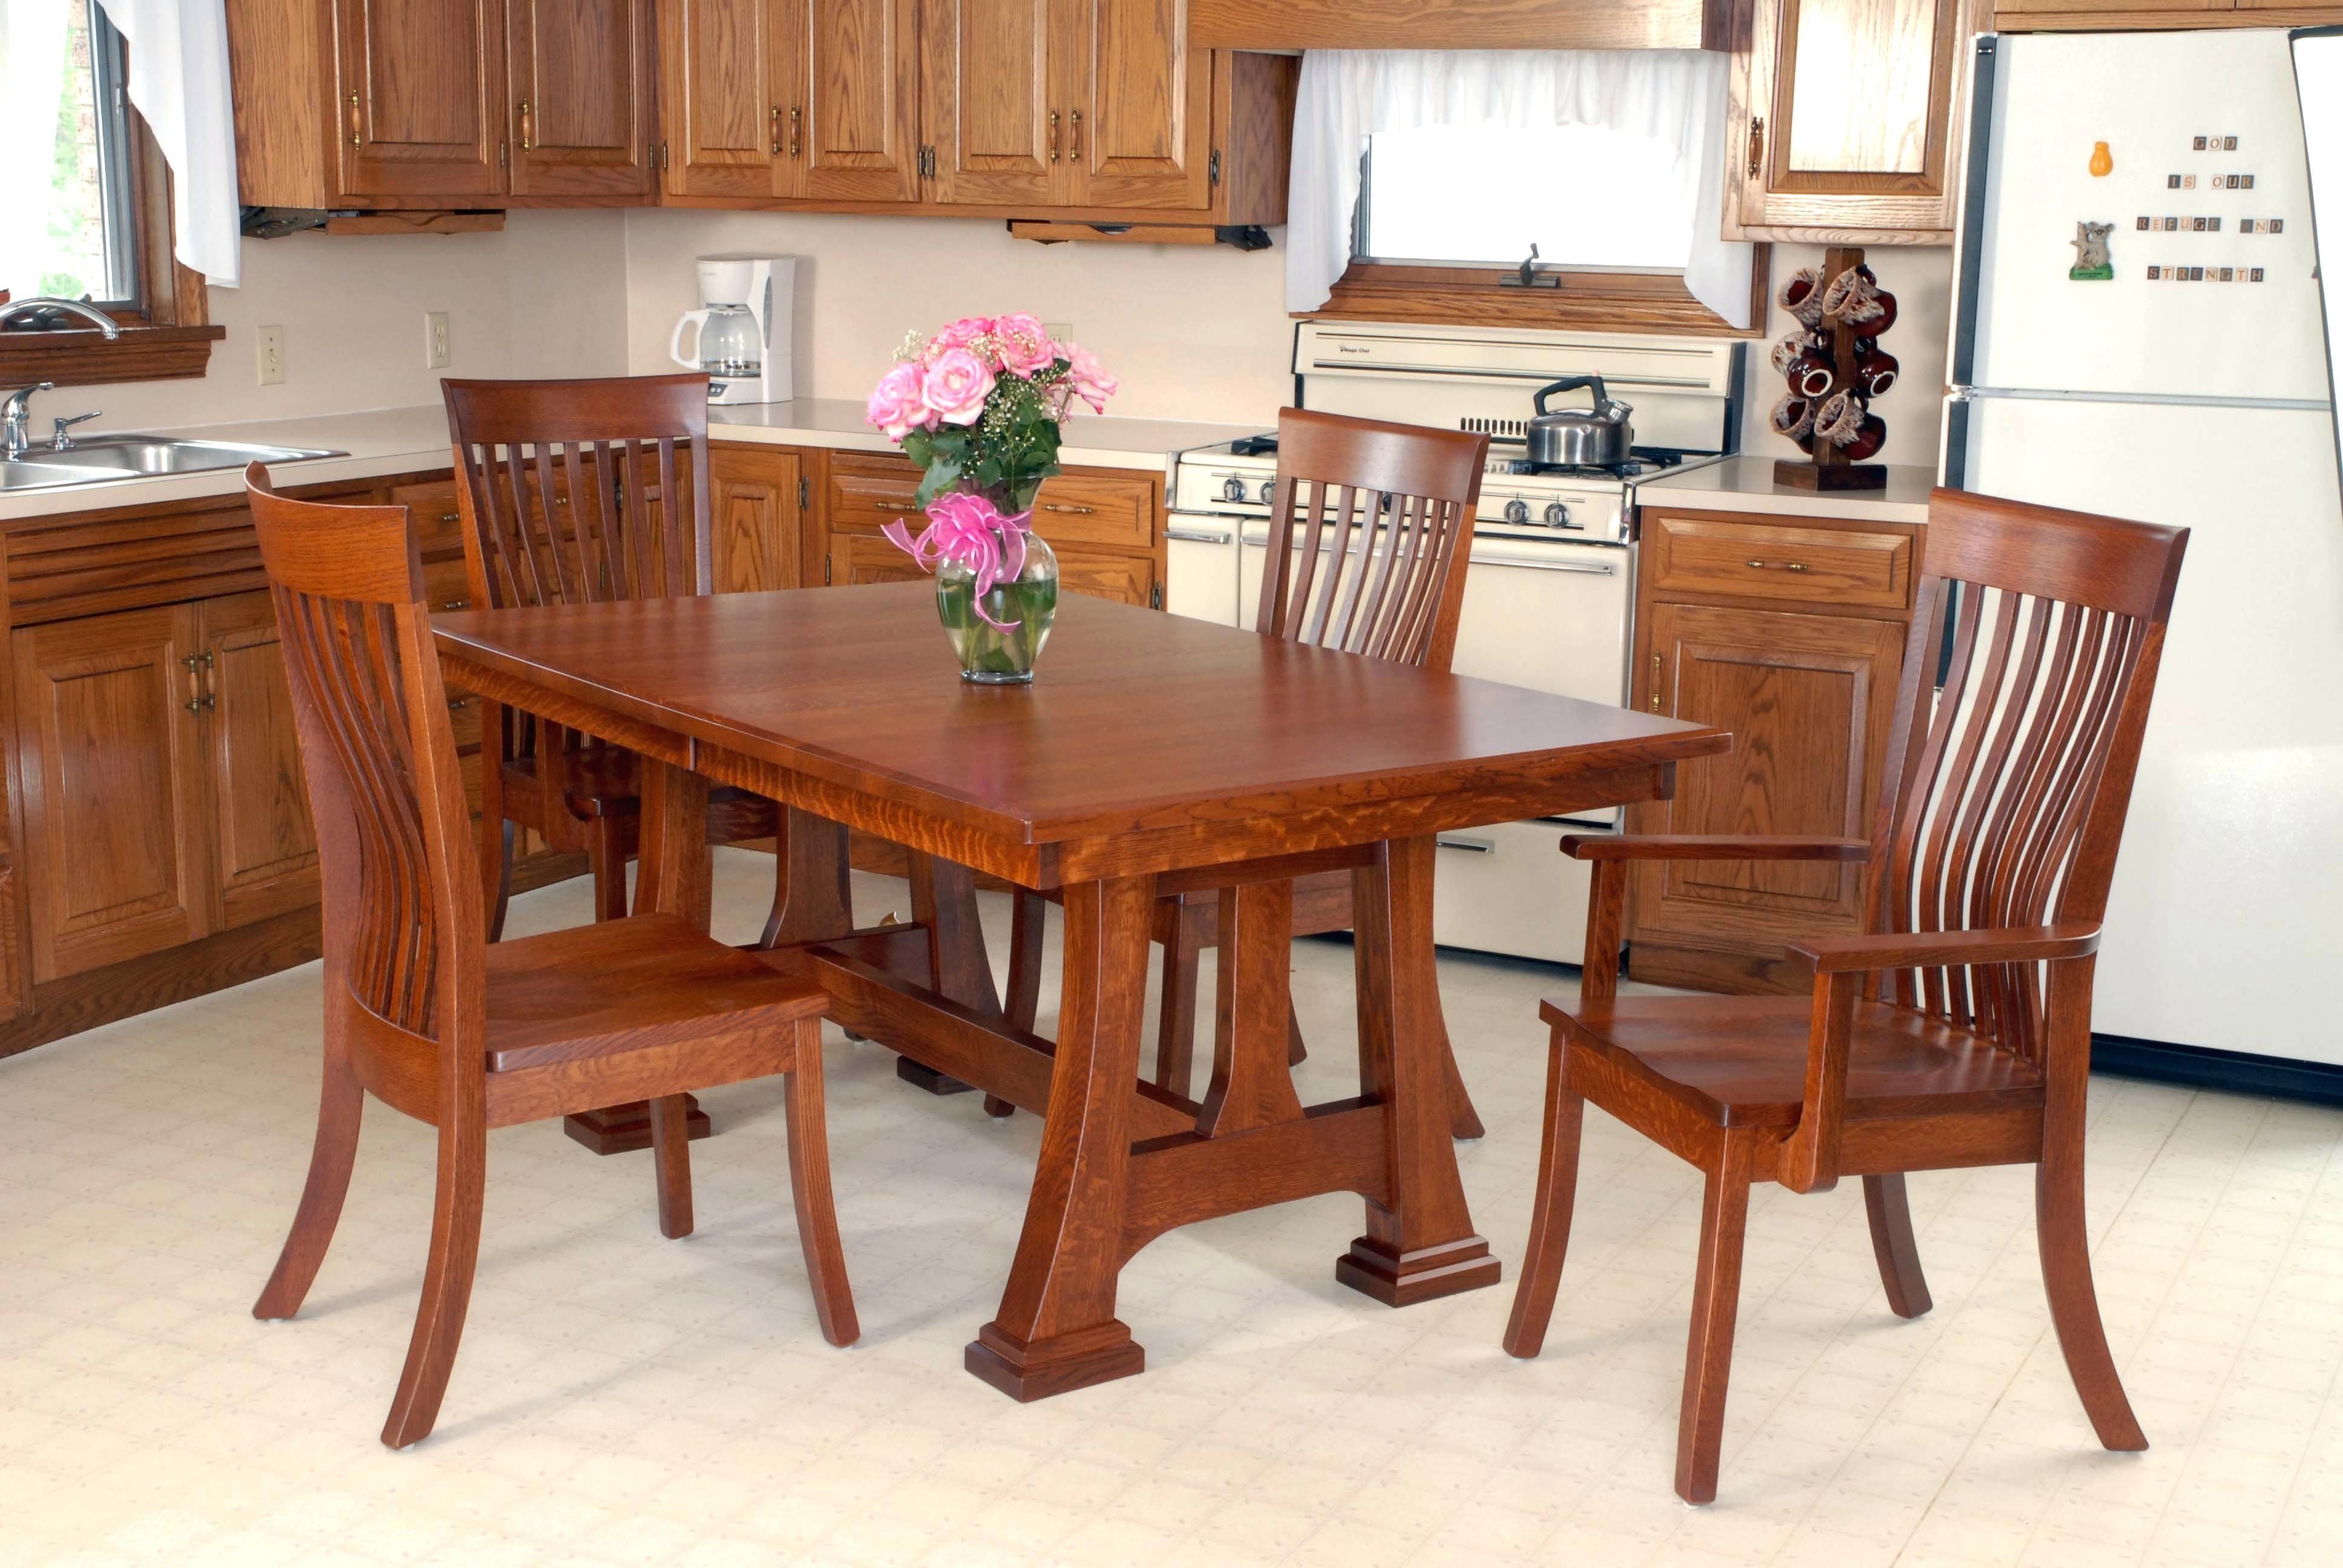 Küche Insel Stühle | Stühle modern | Pinterest | Küche insel, Stuhl ...